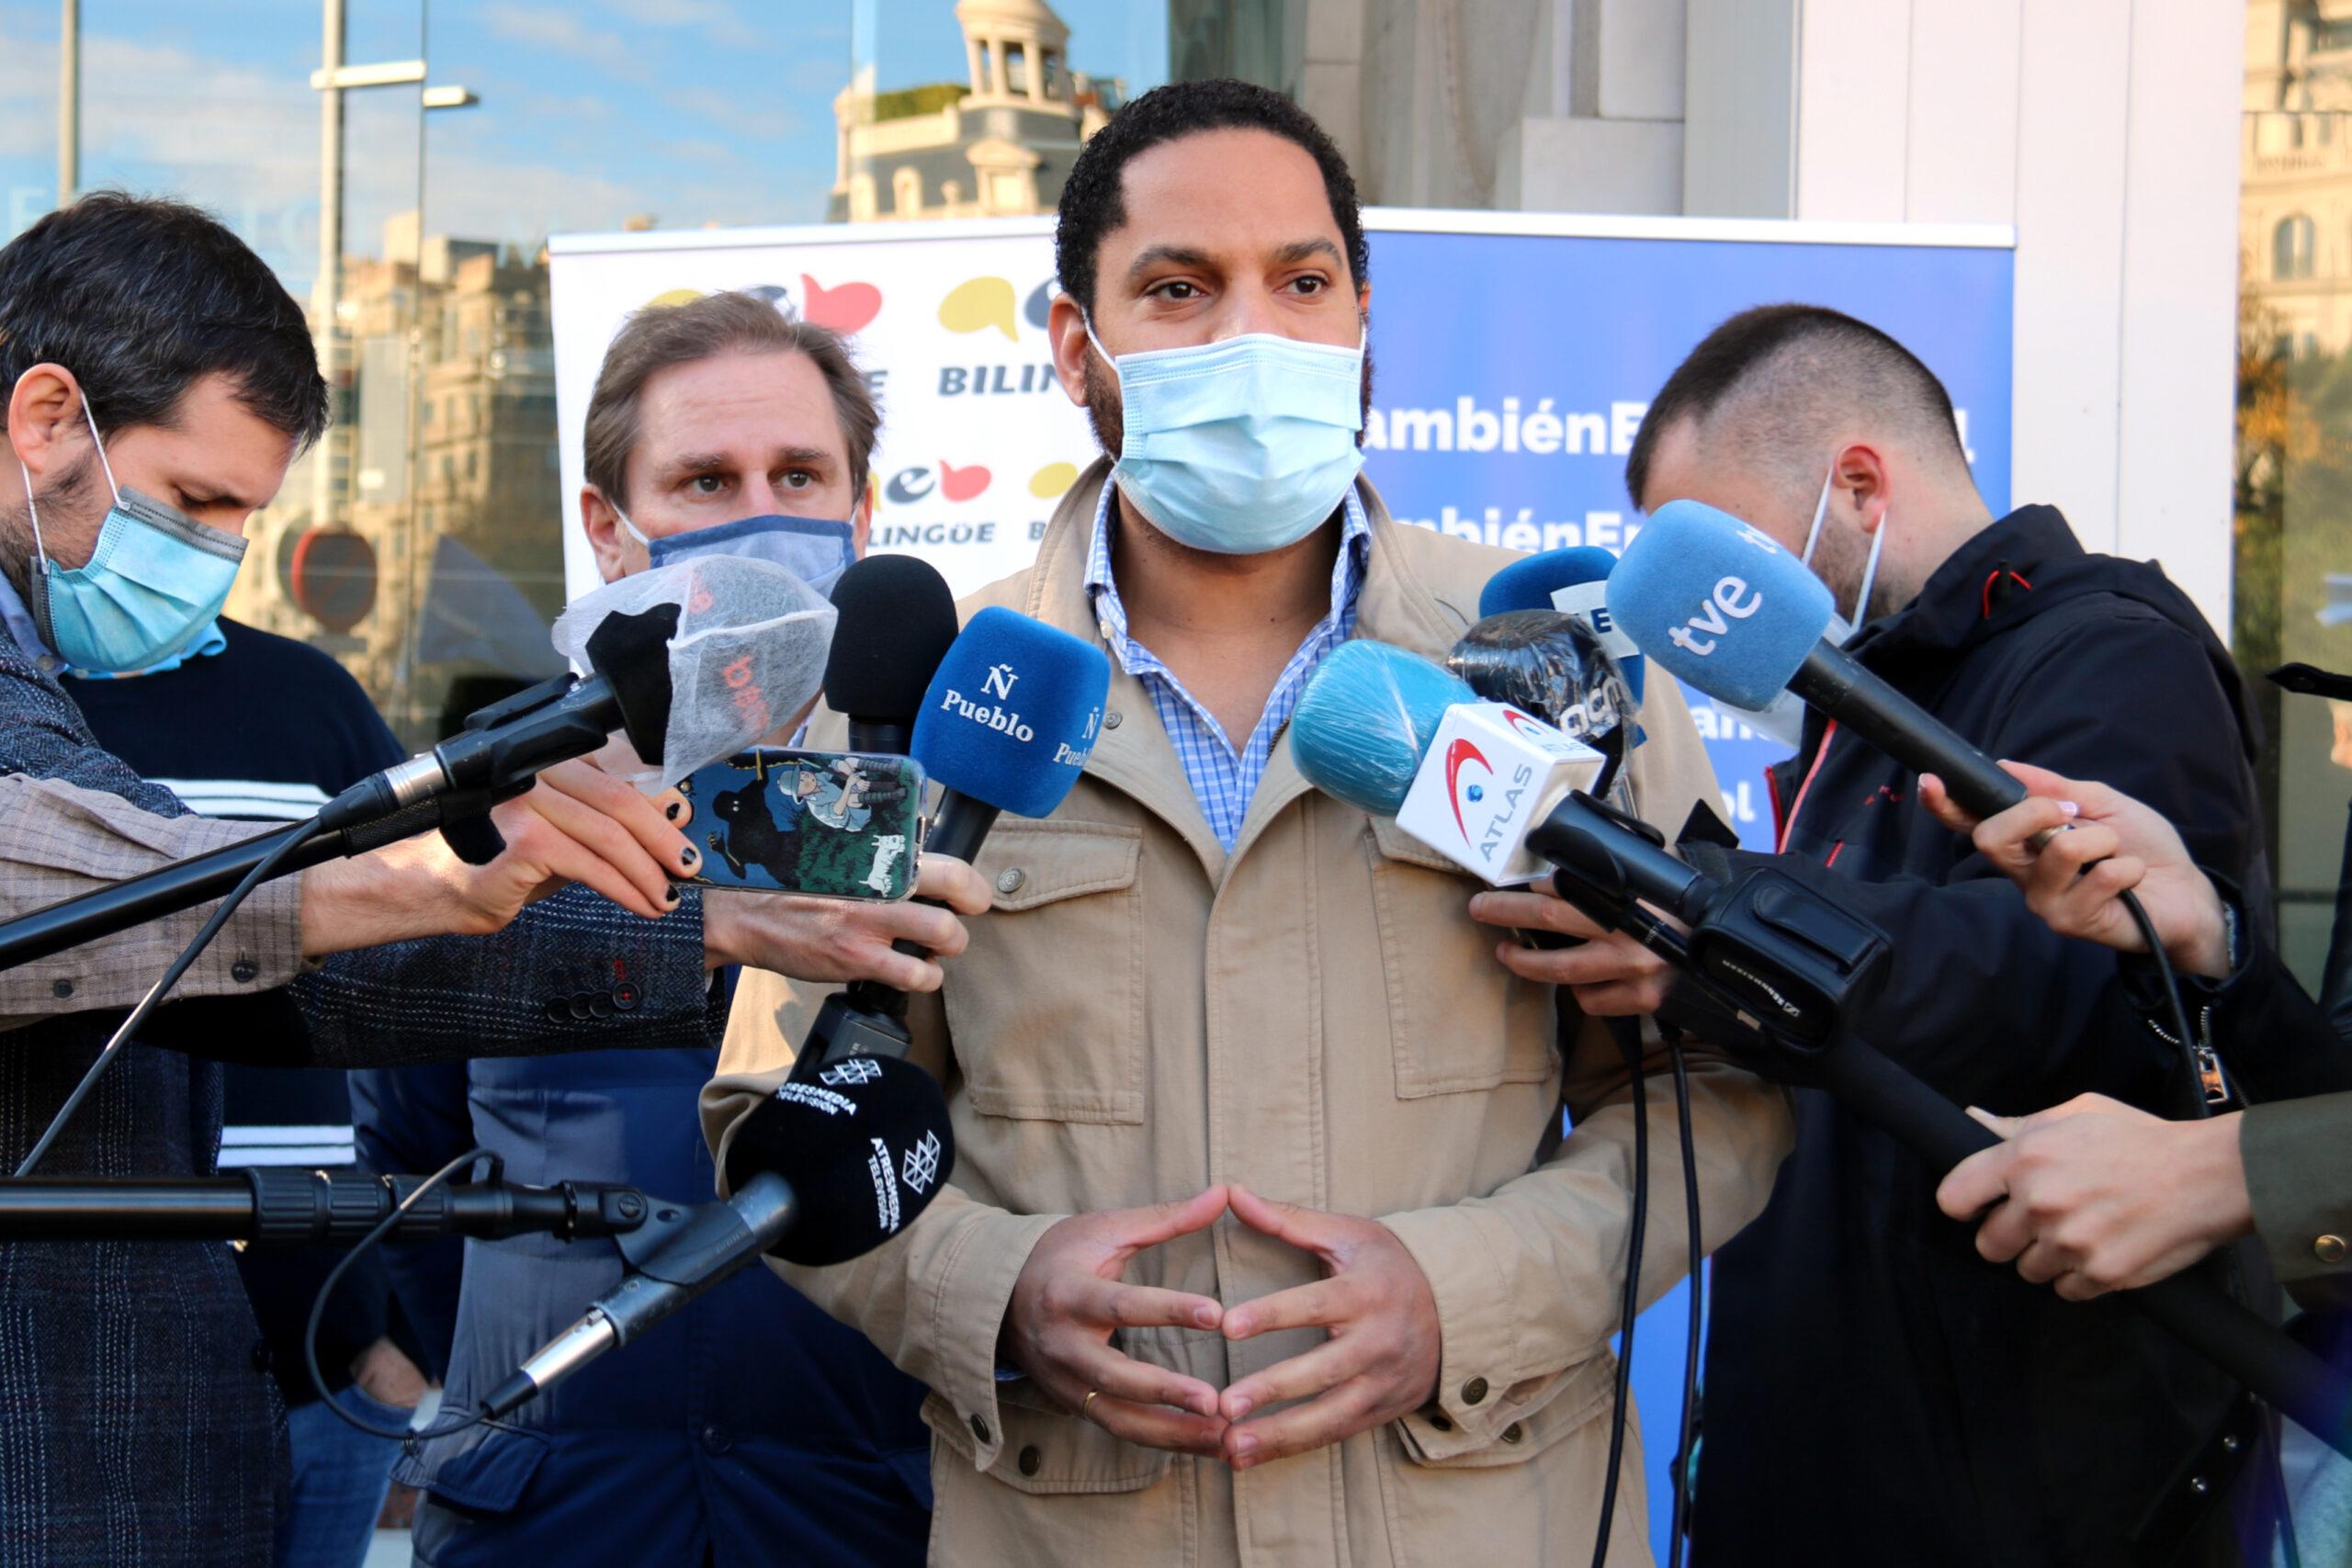 Ignacio Garriga (Vox), durant la mobilització a favor del castellà a Barcelona el 20 de desembre de 2020 (Horitzontal)